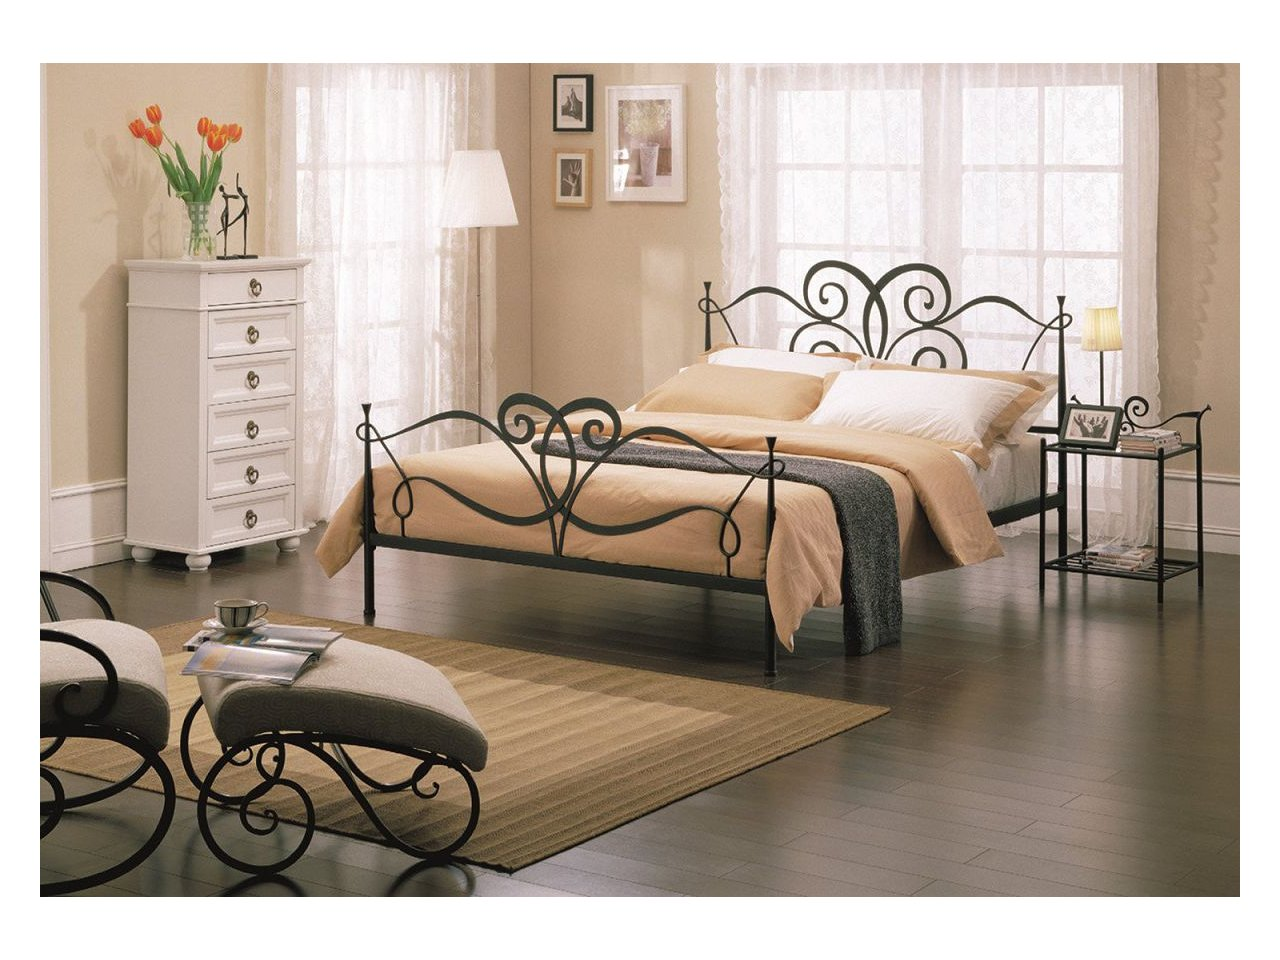 Metalowe łóżko Kute Model Mk08